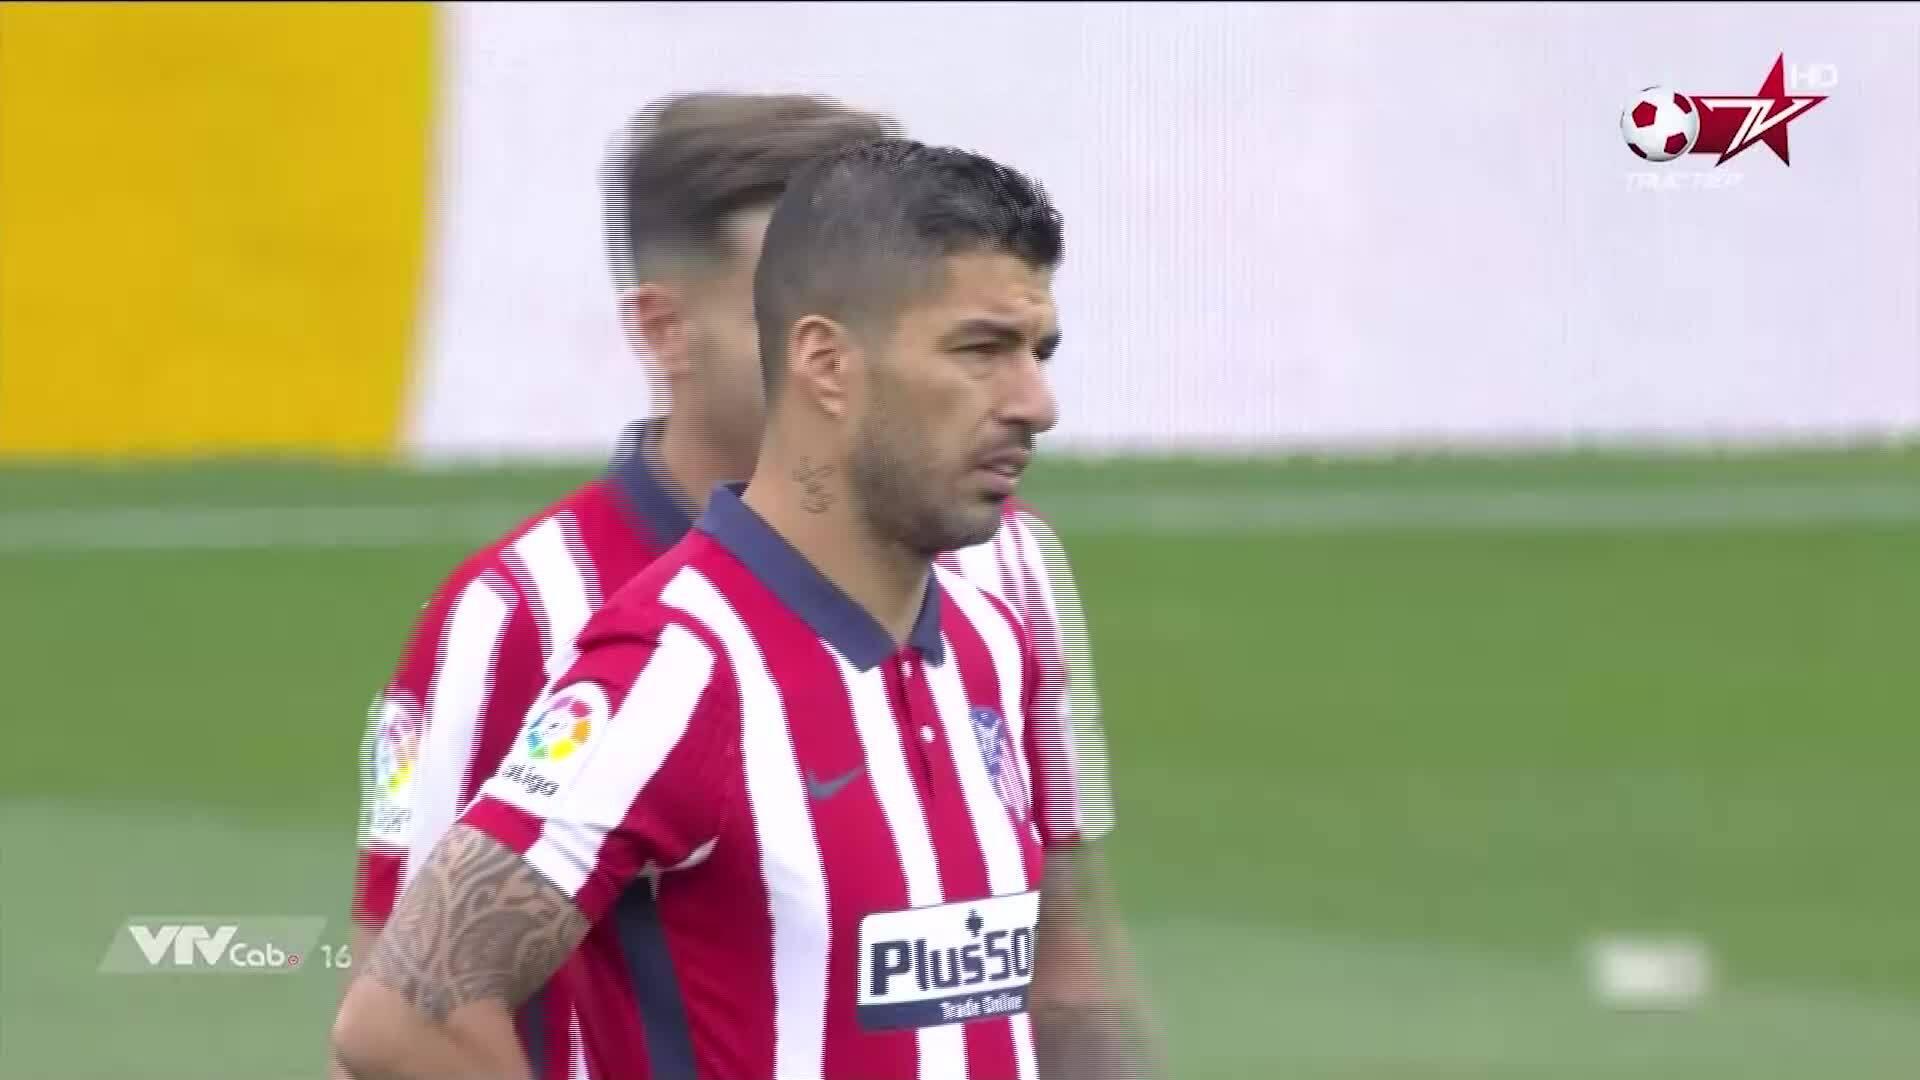 Valladolid 1-2 Atletico